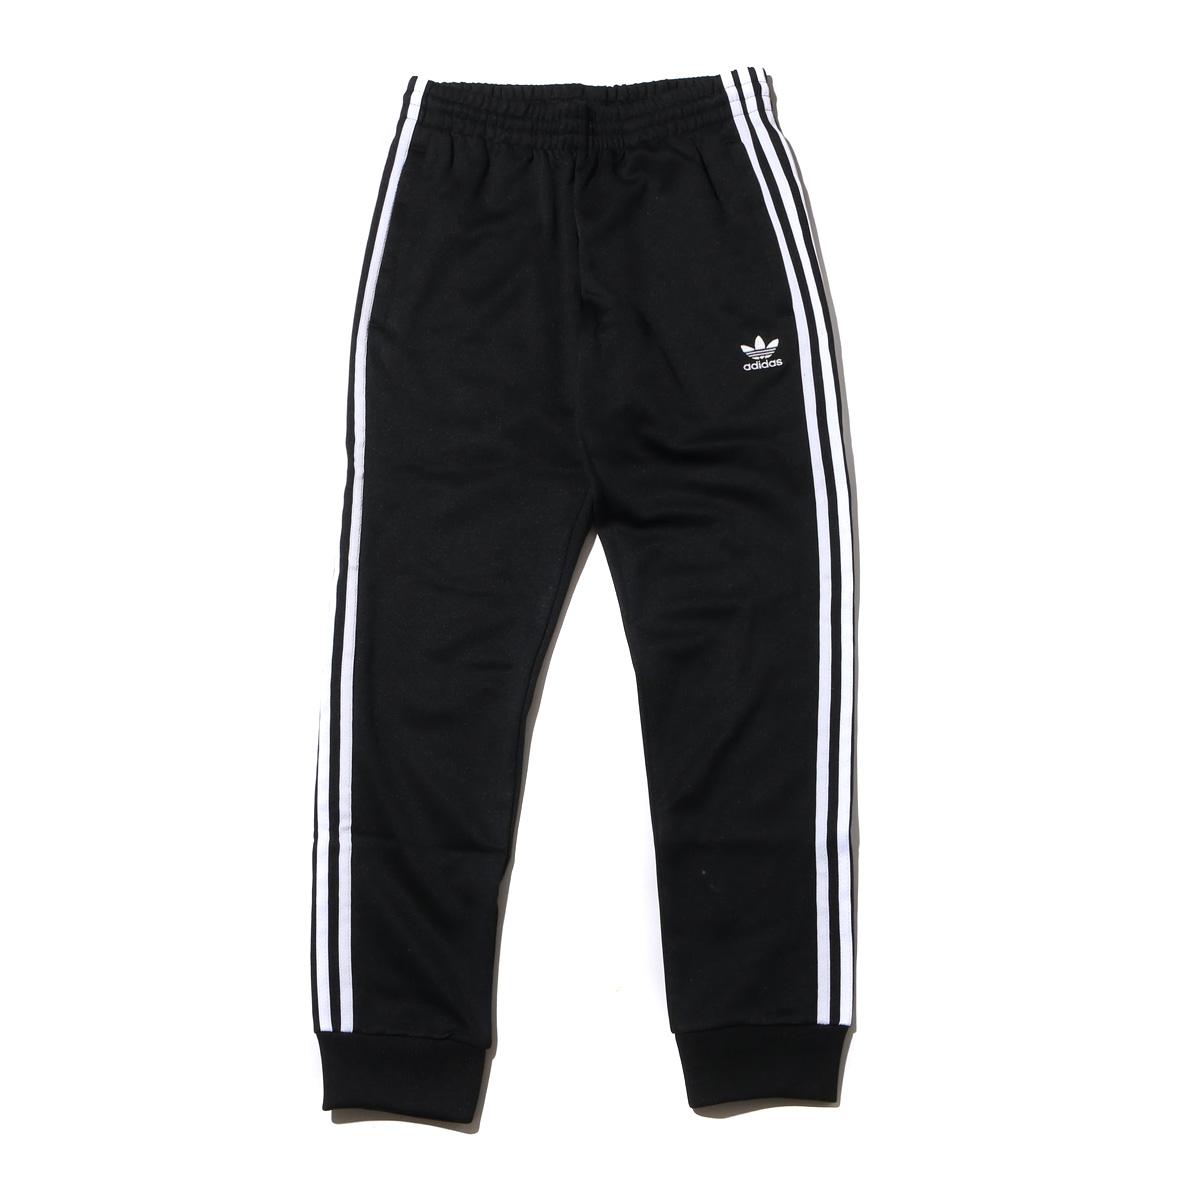 adidas Originals SST TRACK PANTS (アディダス オリジナルス SST トラックパンツ) Black【メンズ パンツ】19FW-I